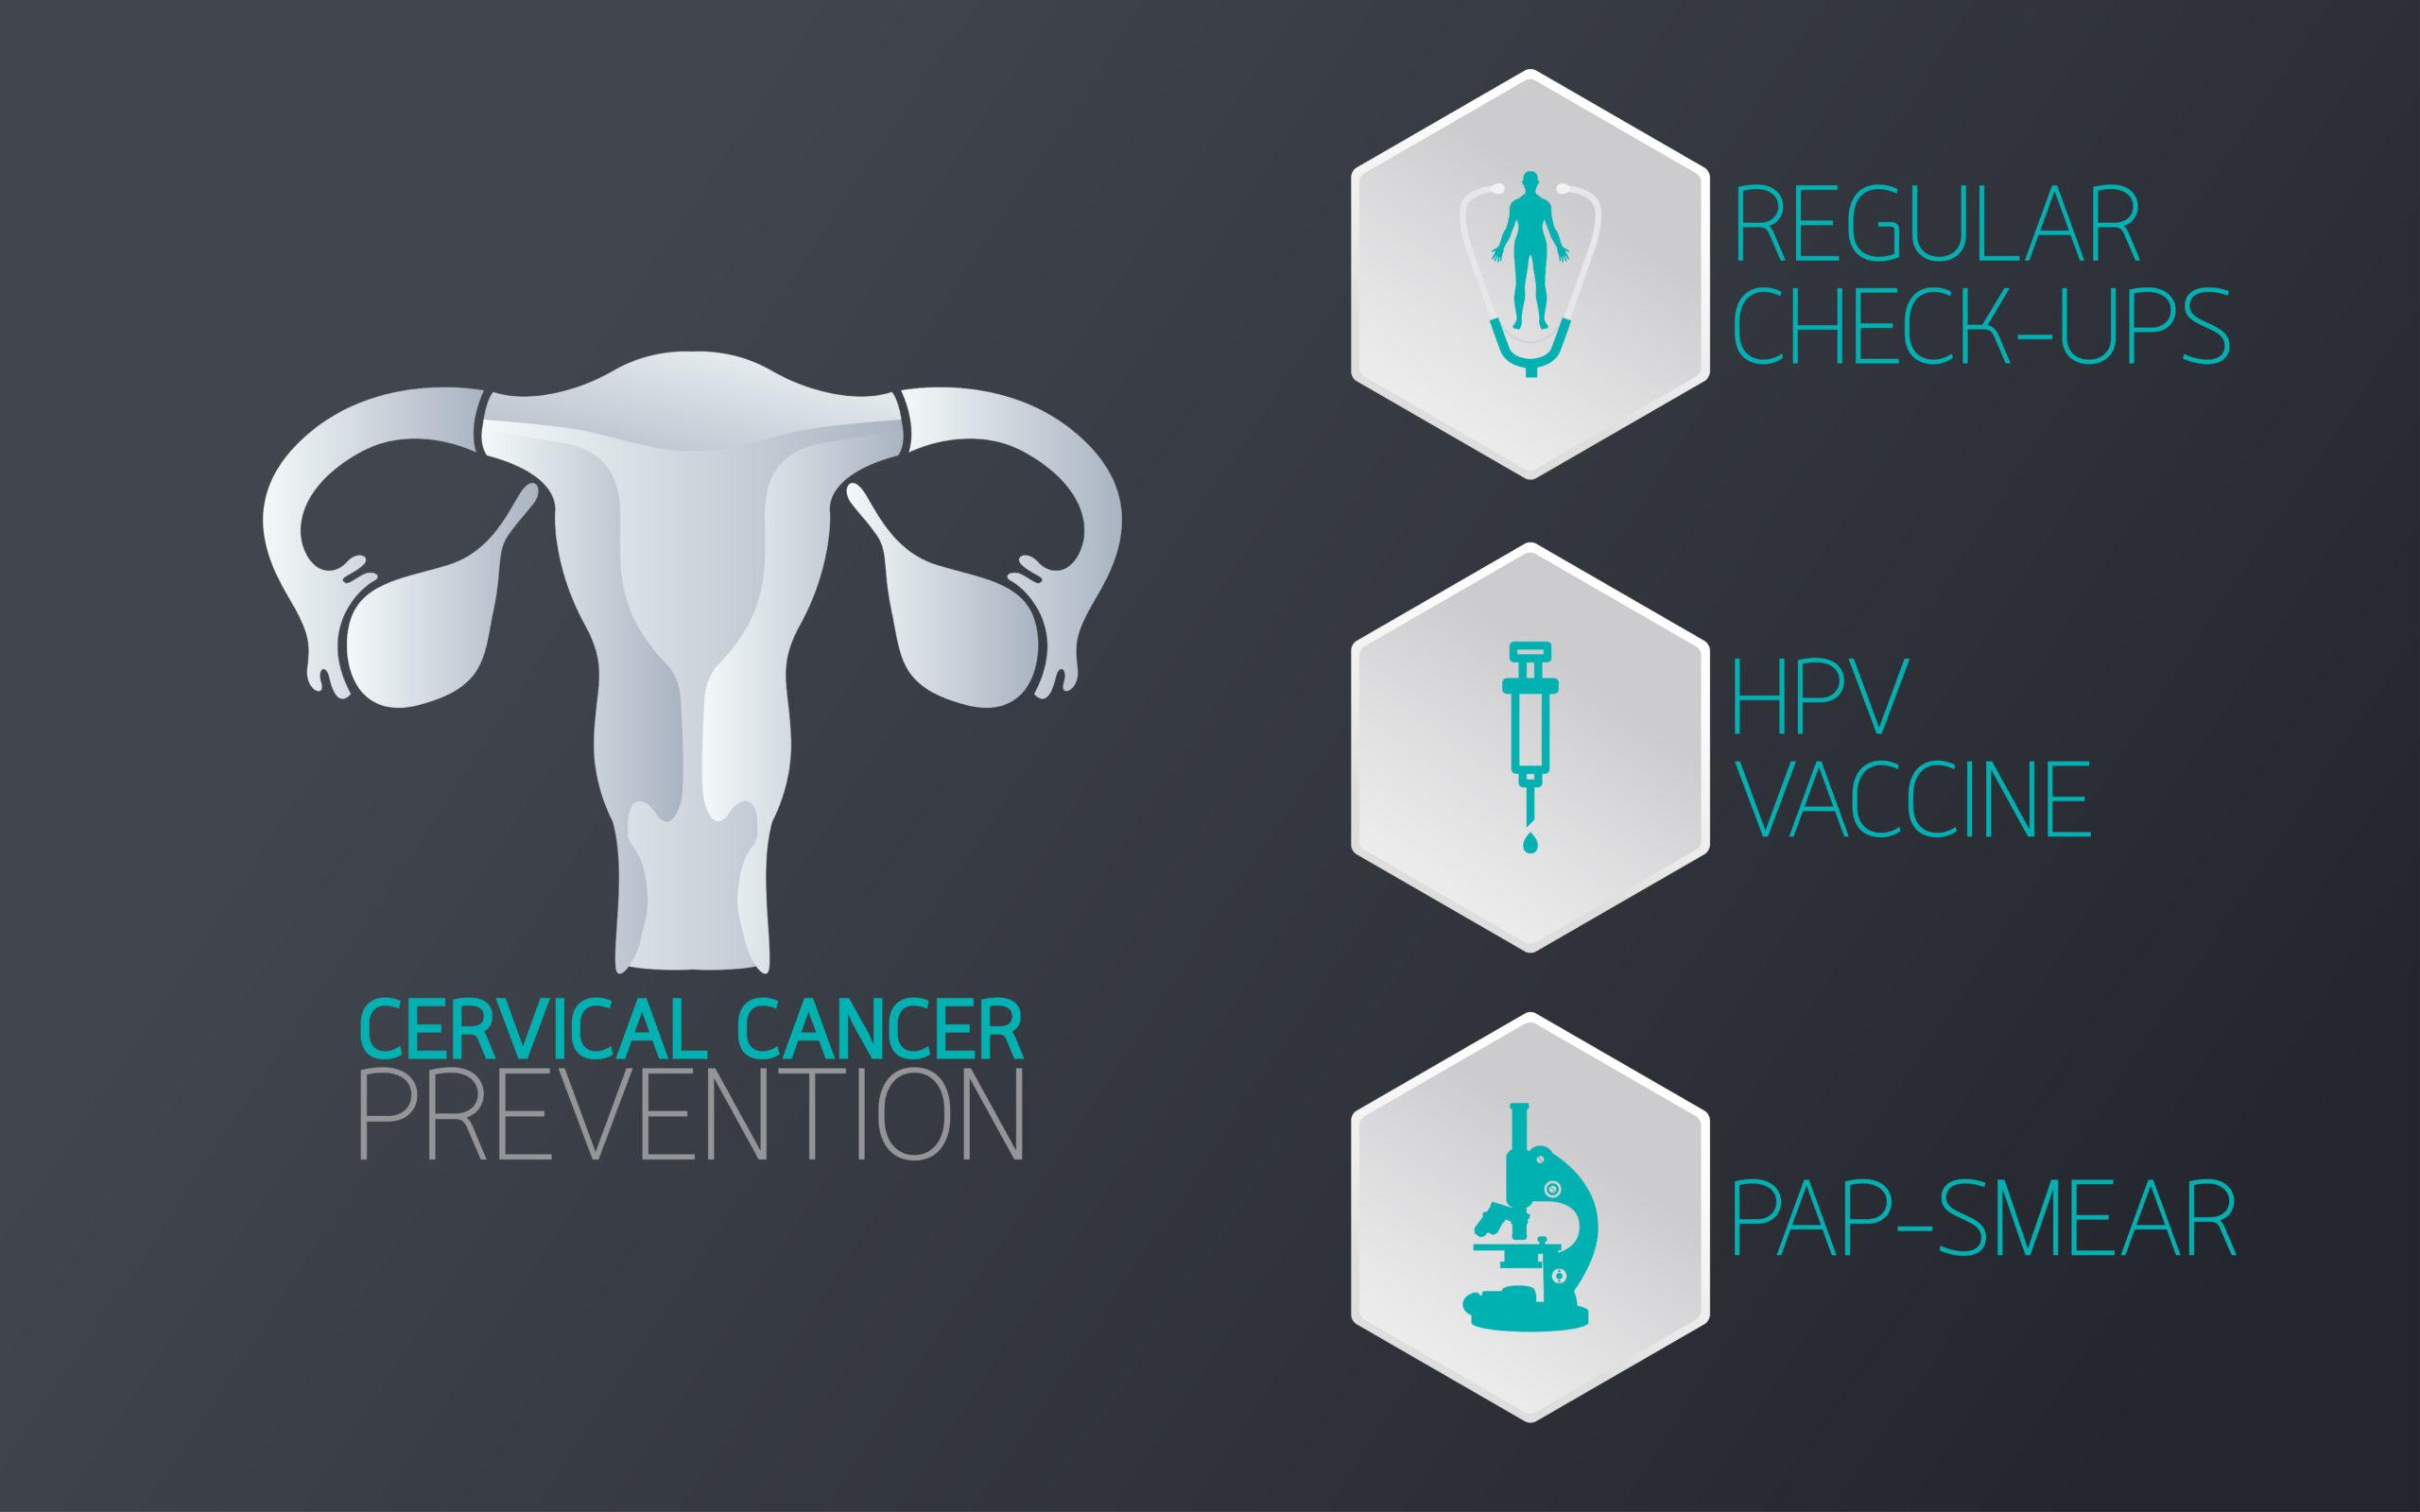 prevention of cervical cancer scaled